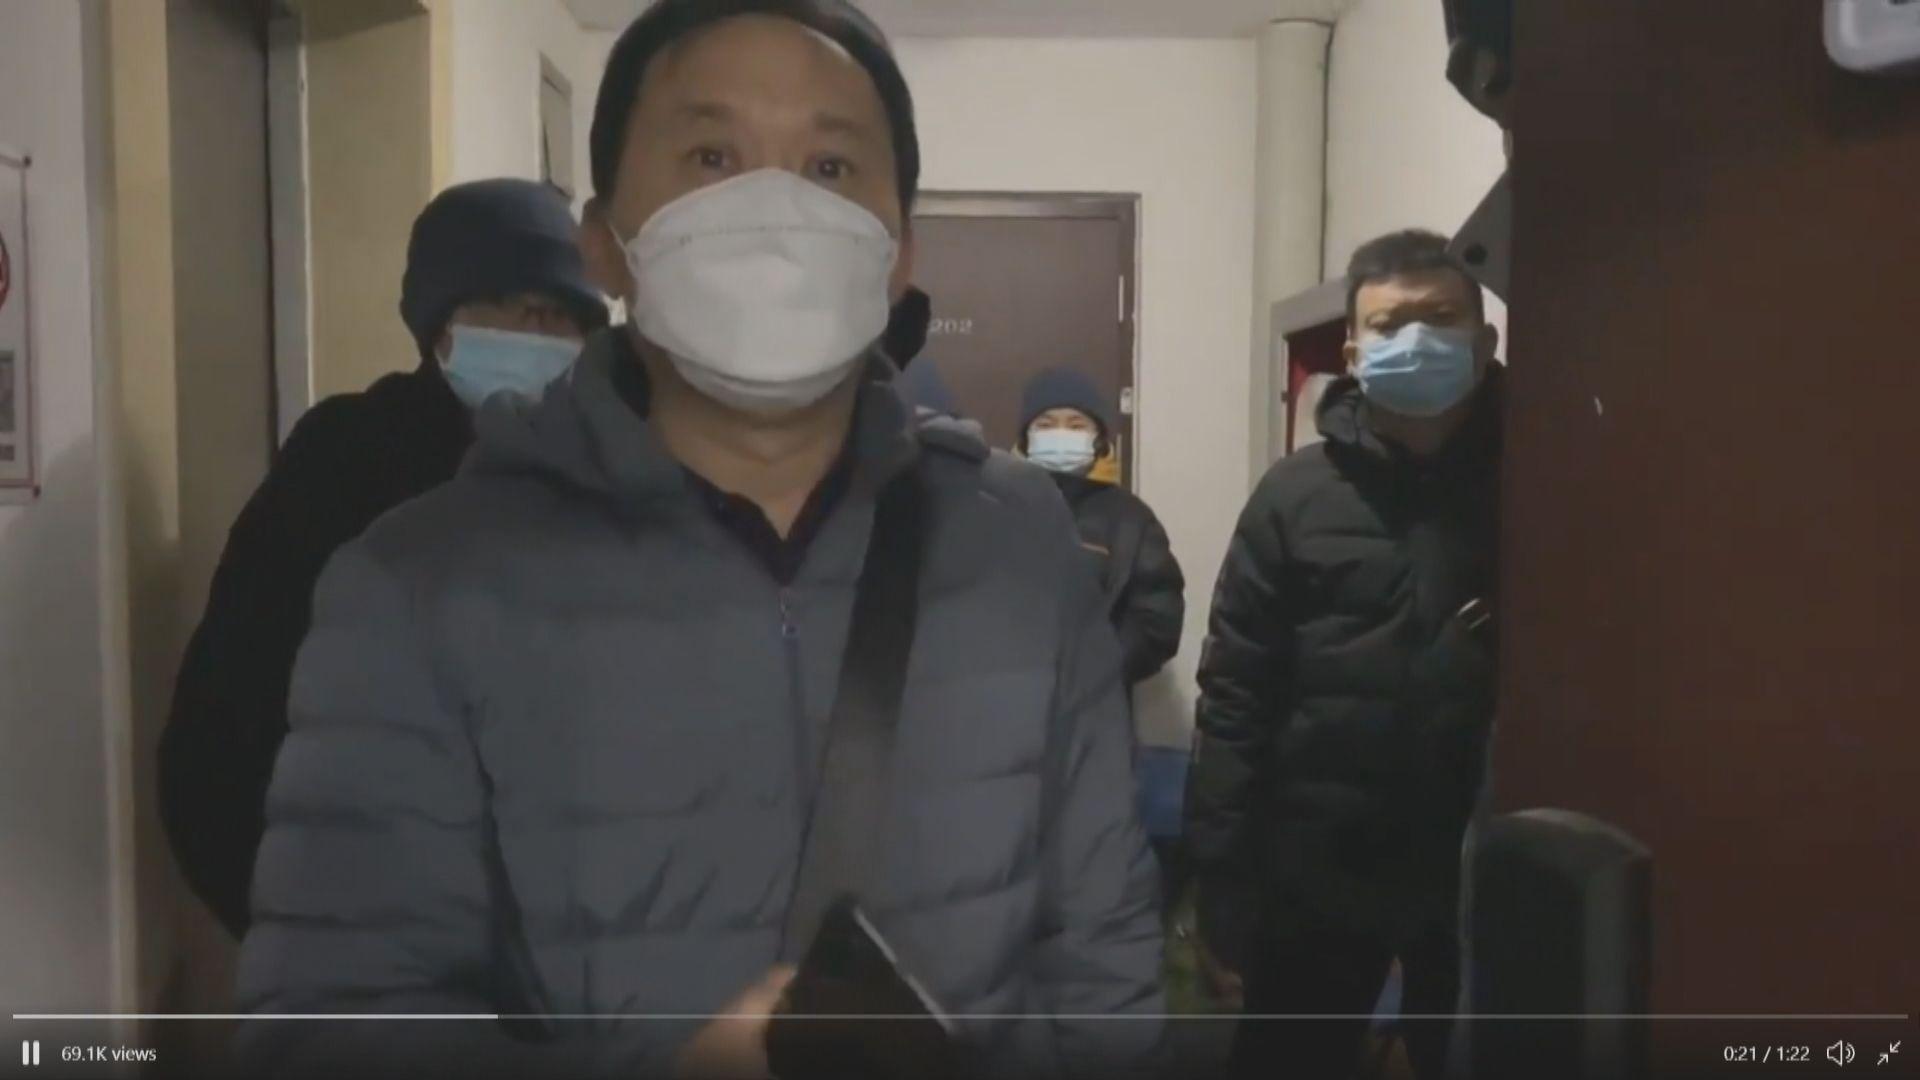 世界人權日前夕 北京多名維權人士被禁出門